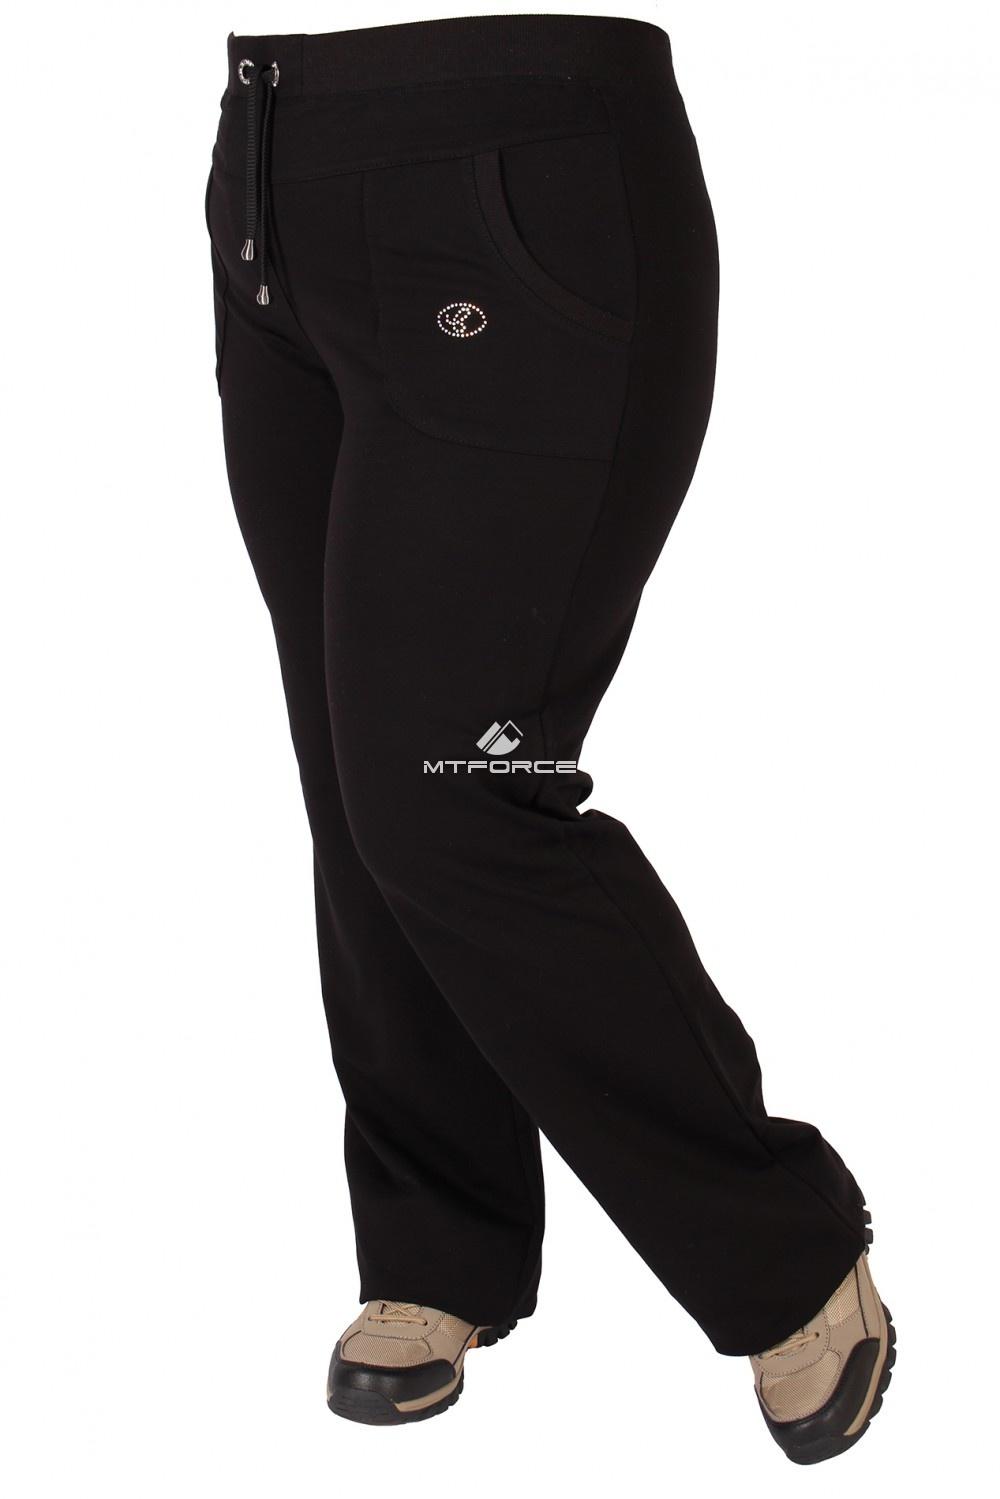 Купить оптом Брюки трикотажные женские большого размера черного цвета 06Ch в Перми